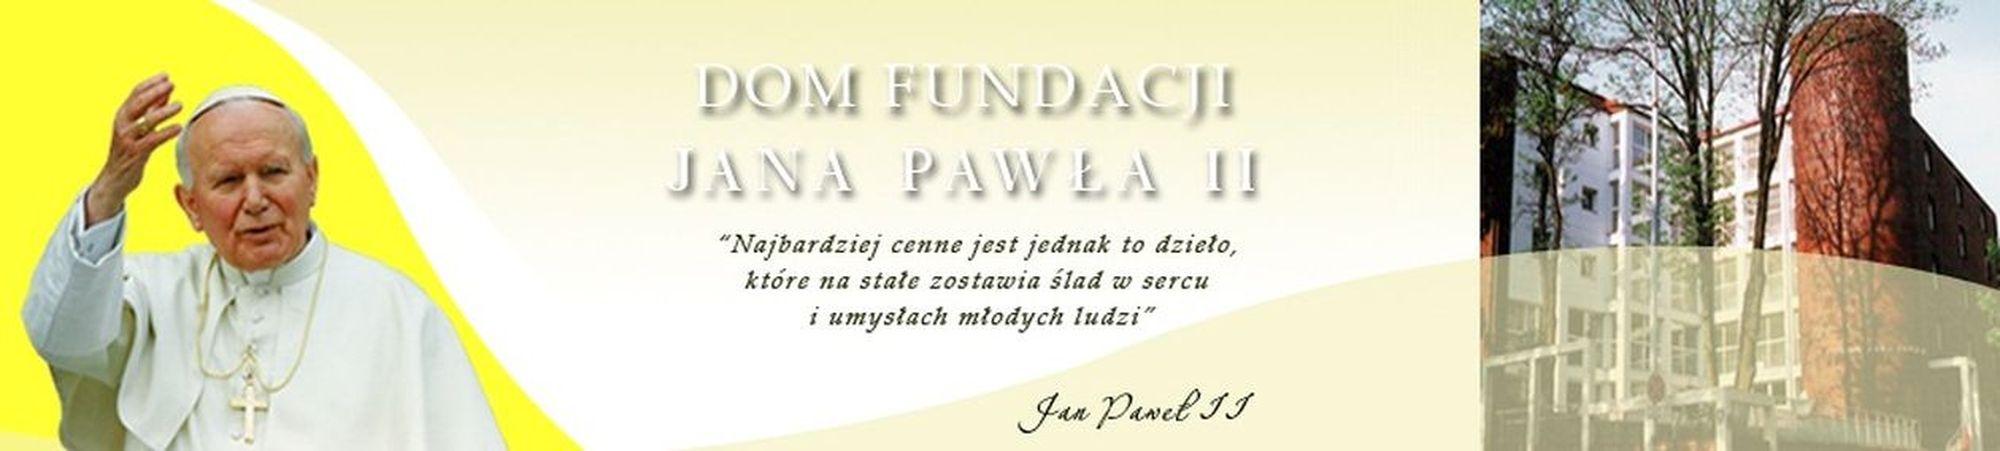 Dom Fundacji Jana Pawła II